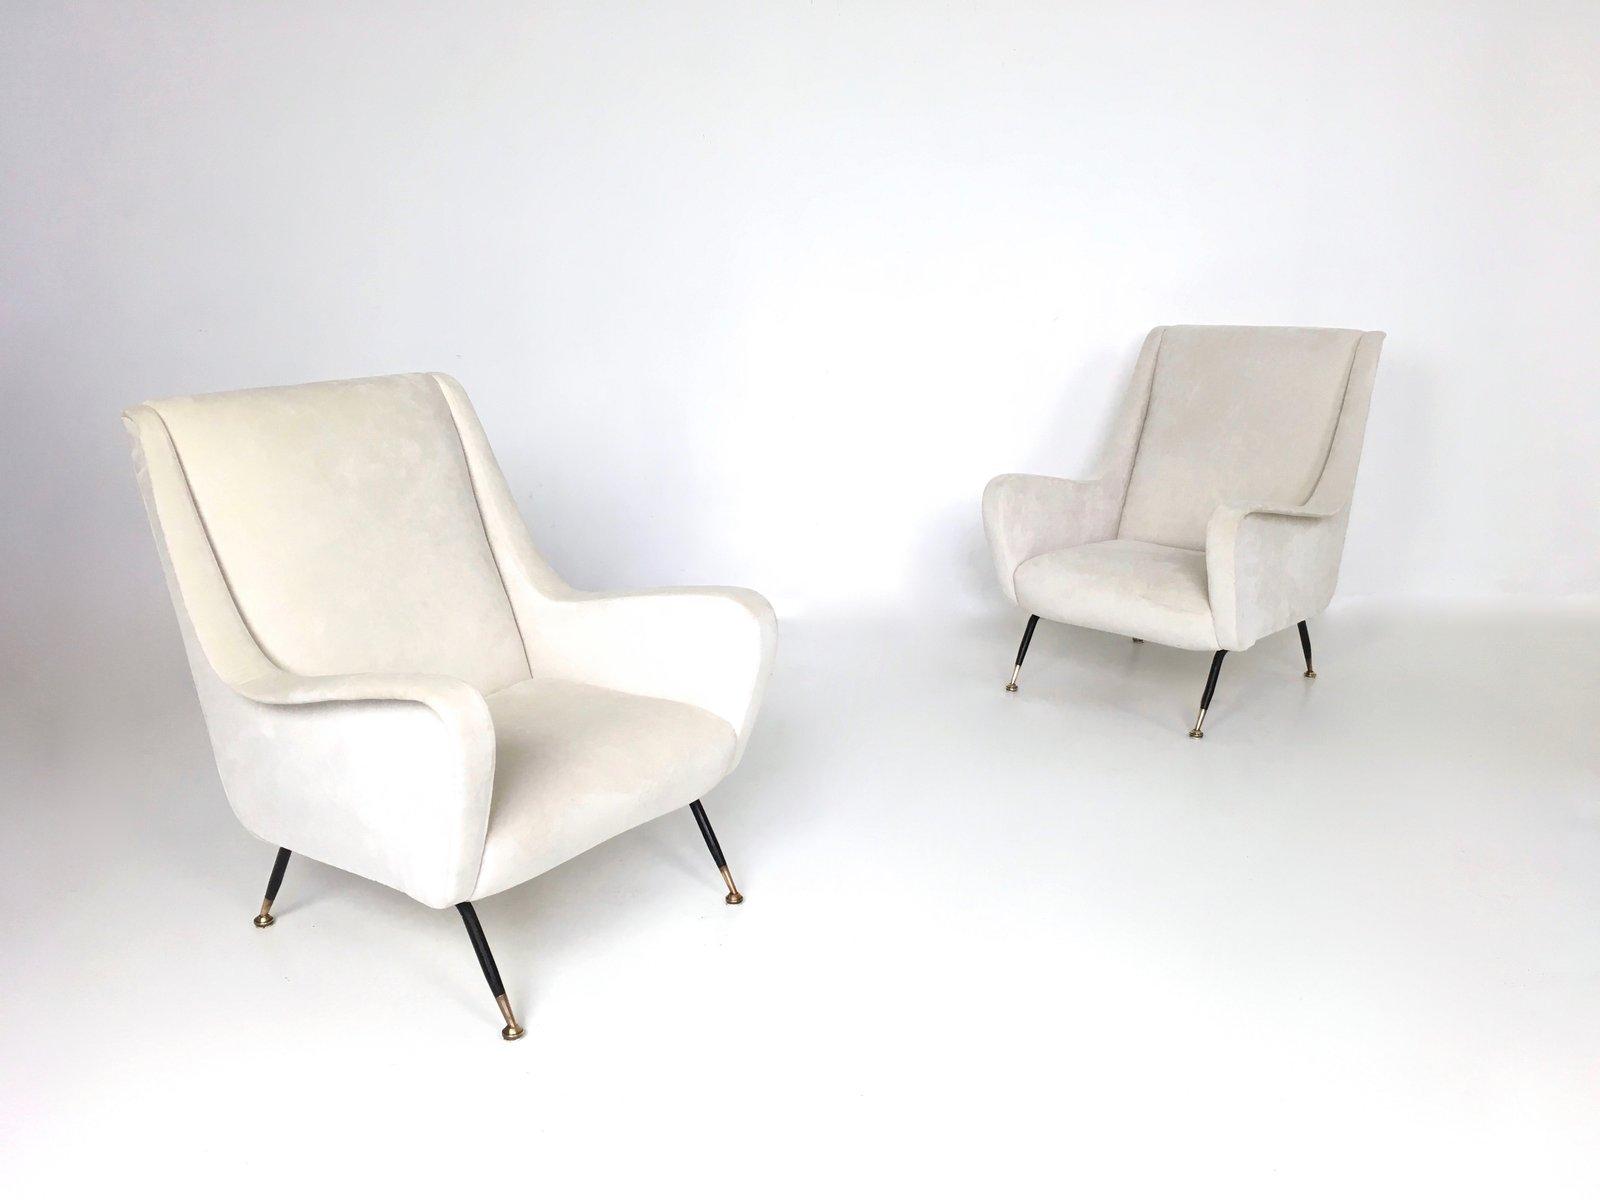 wei e sessel 1950er 2er set bei pamono kaufen. Black Bedroom Furniture Sets. Home Design Ideas